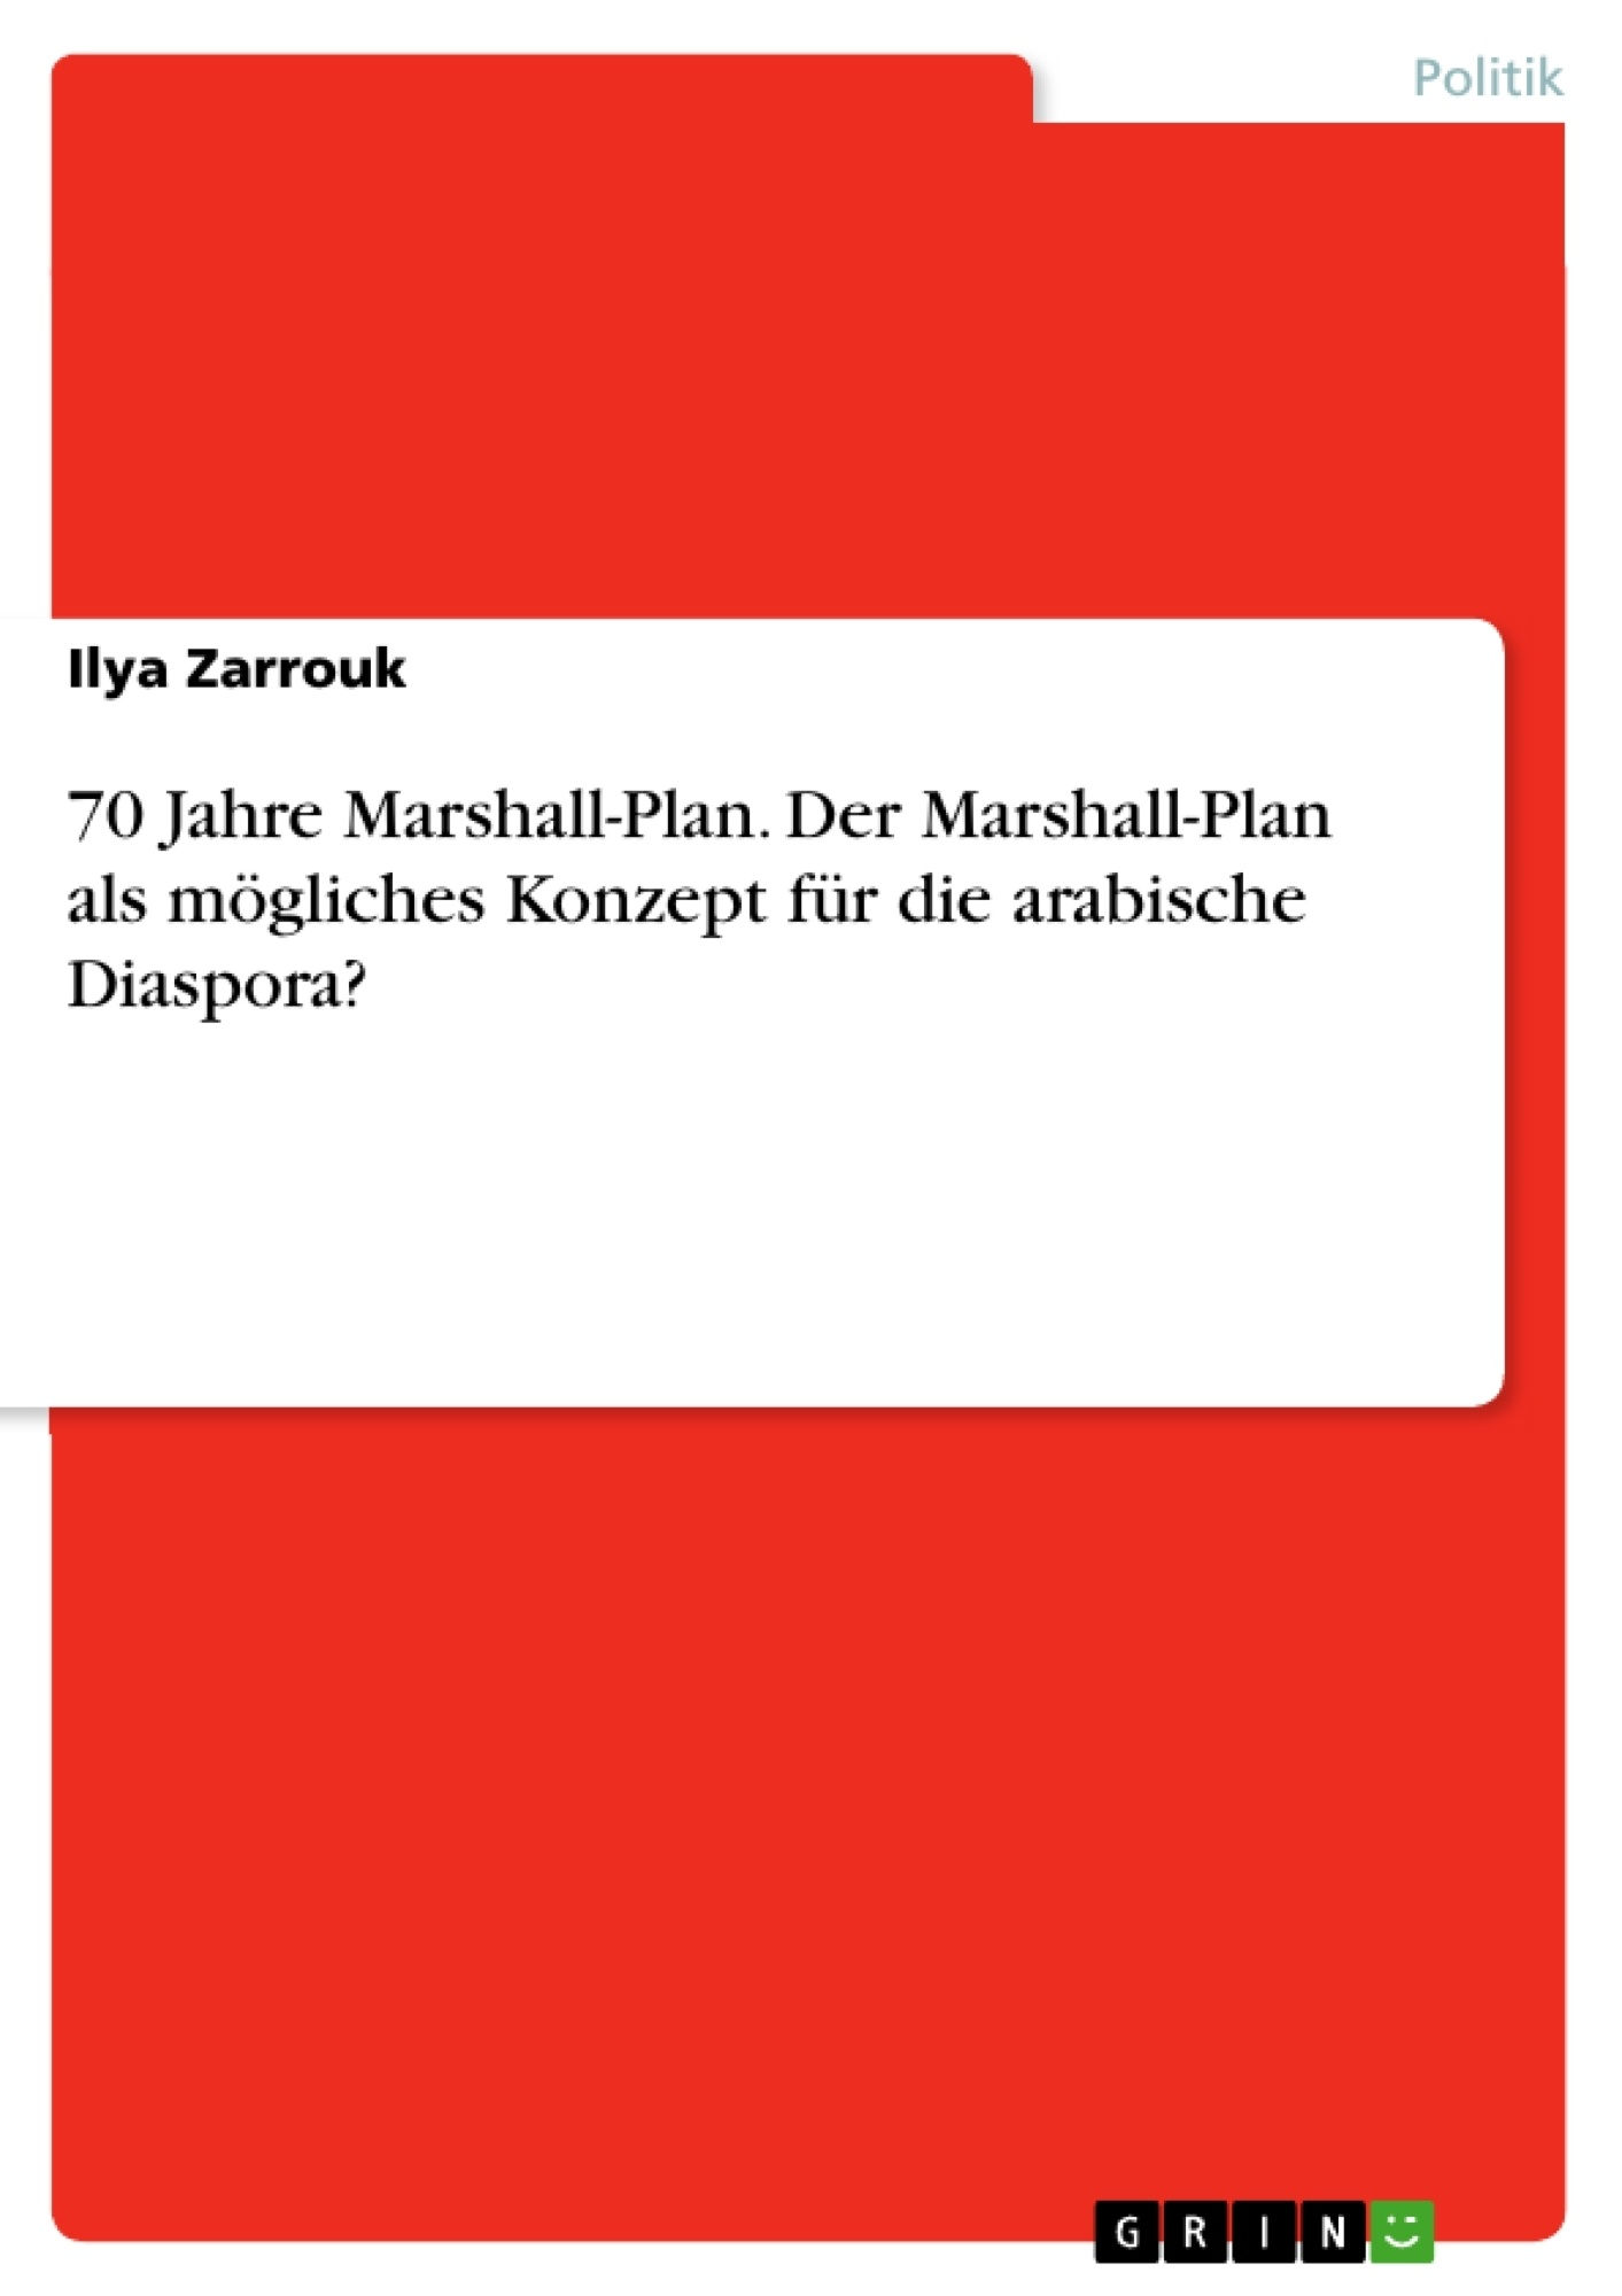 Titel: 70 Jahre Marshall-Plan. Der Marshall-Plan als mögliches Konzept für die arabische Diaspora?